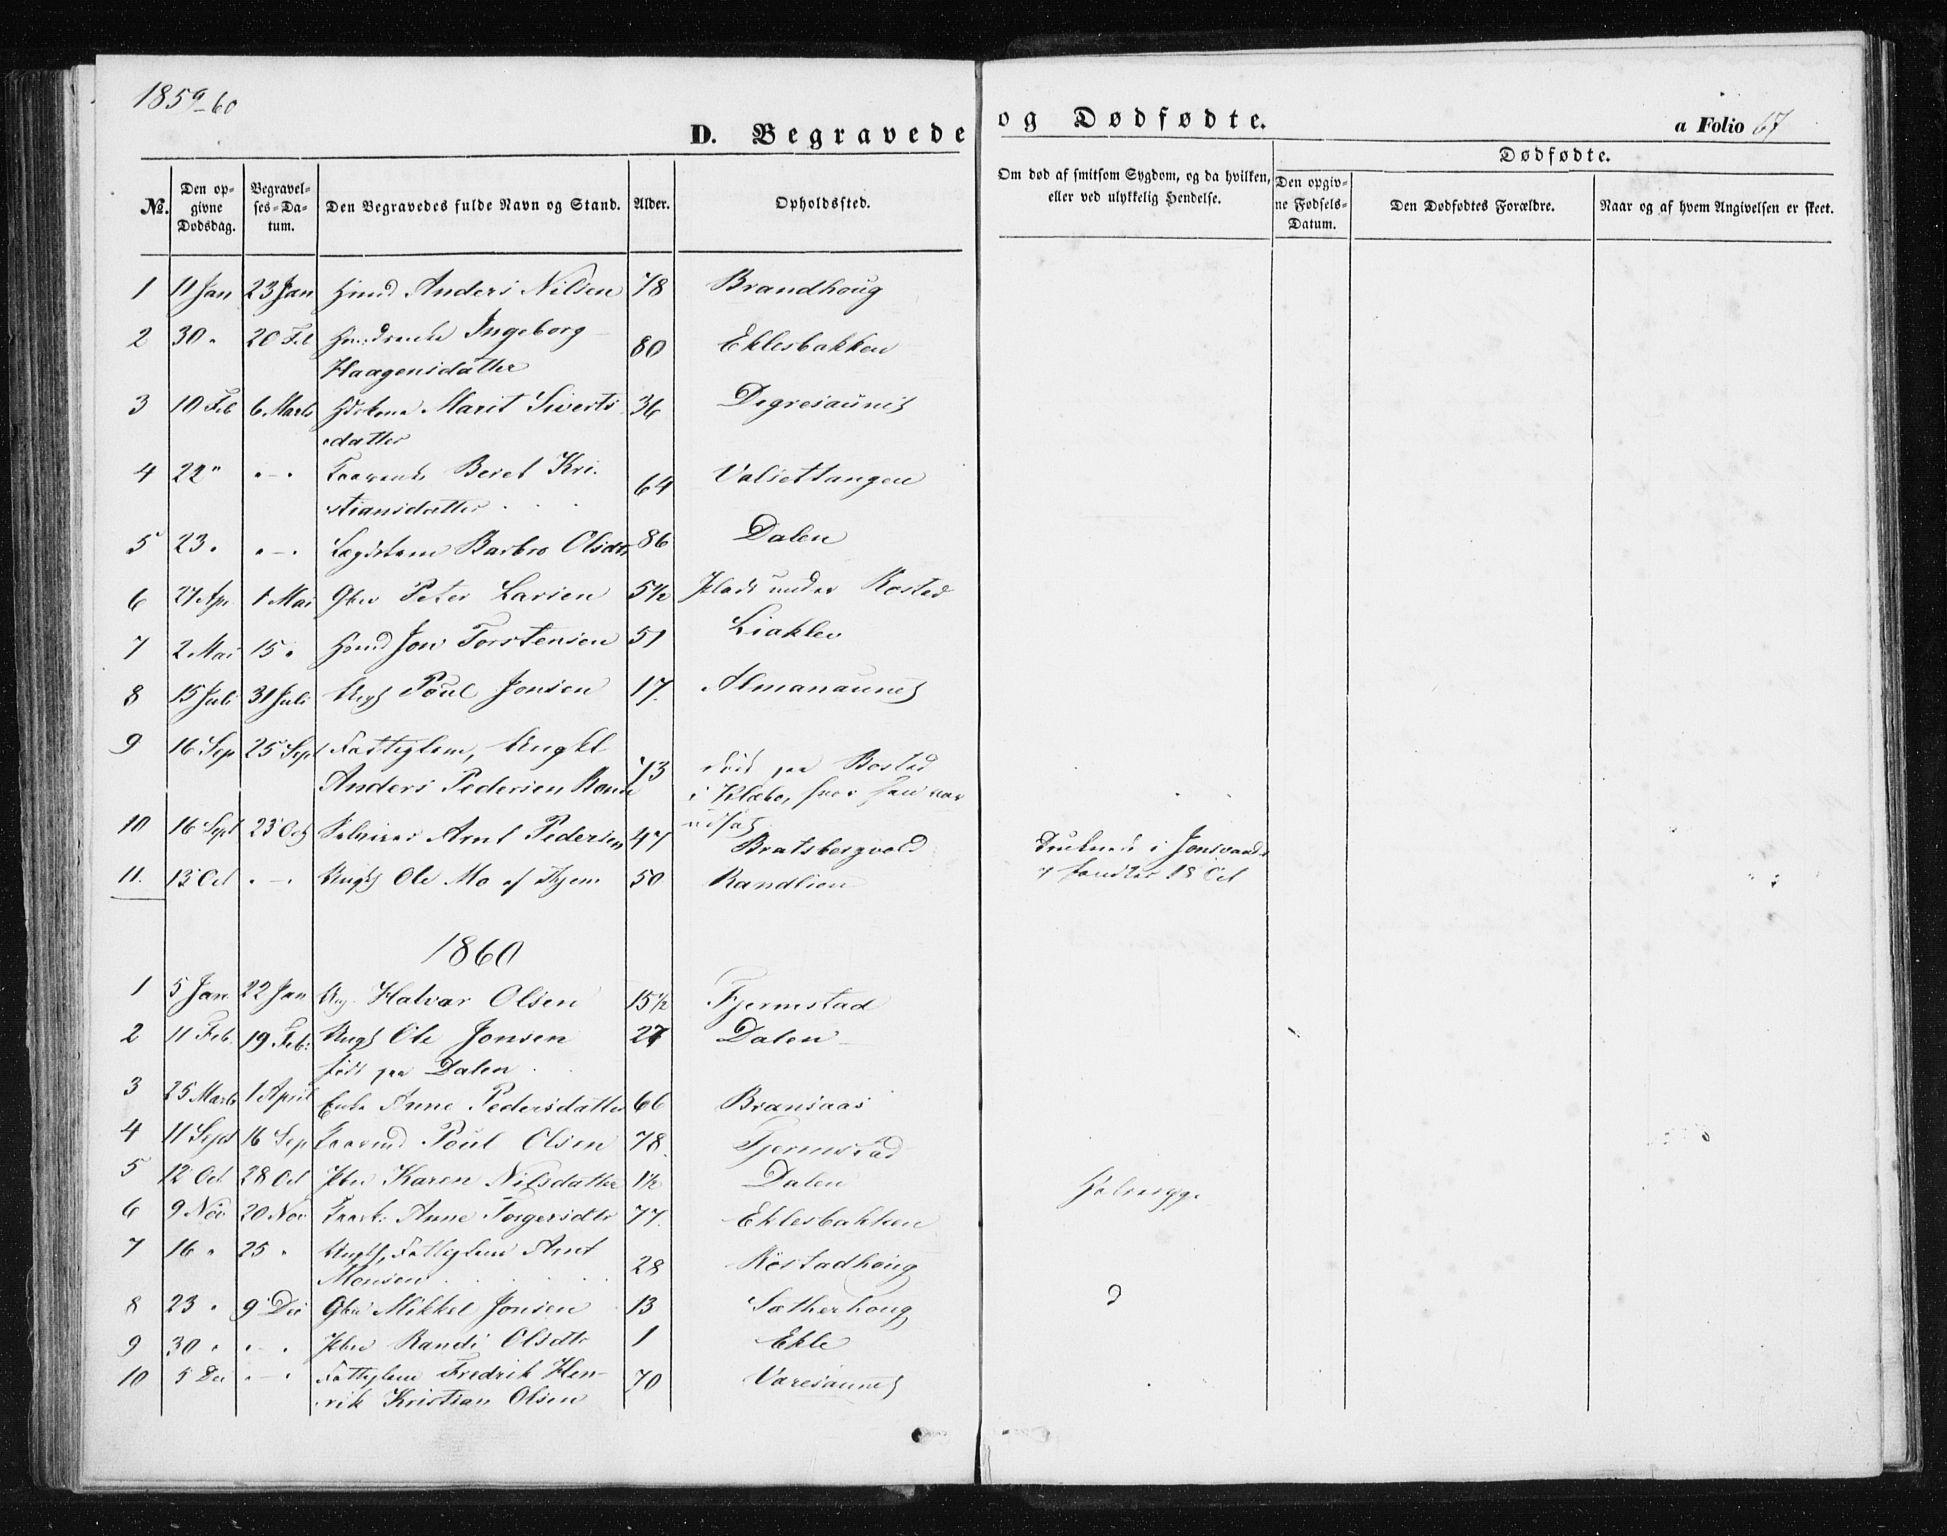 SAT, Ministerialprotokoller, klokkerbøker og fødselsregistre - Sør-Trøndelag, 608/L0332: Ministerialbok nr. 608A01, 1848-1861, s. 67